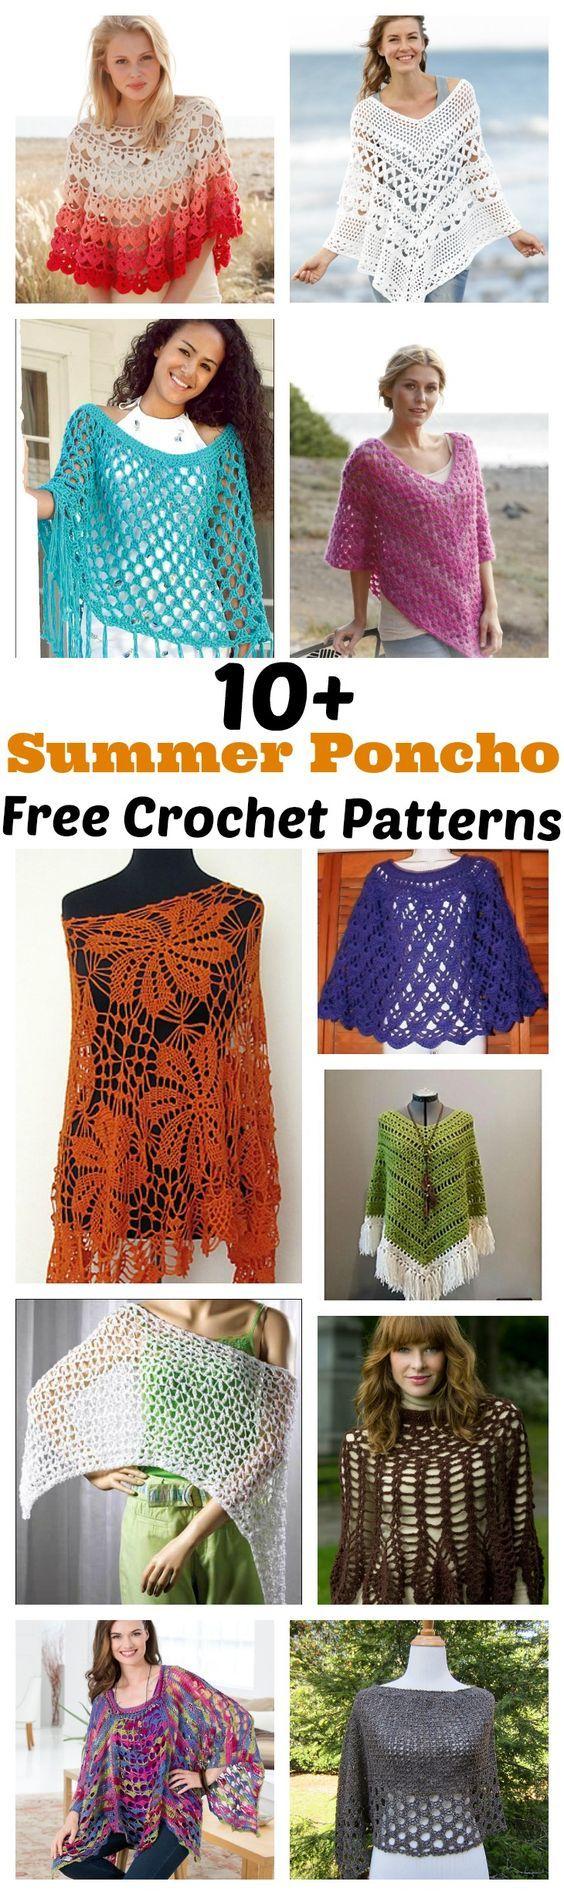 10 + Poncho de Verão grátis Crochet Patterns